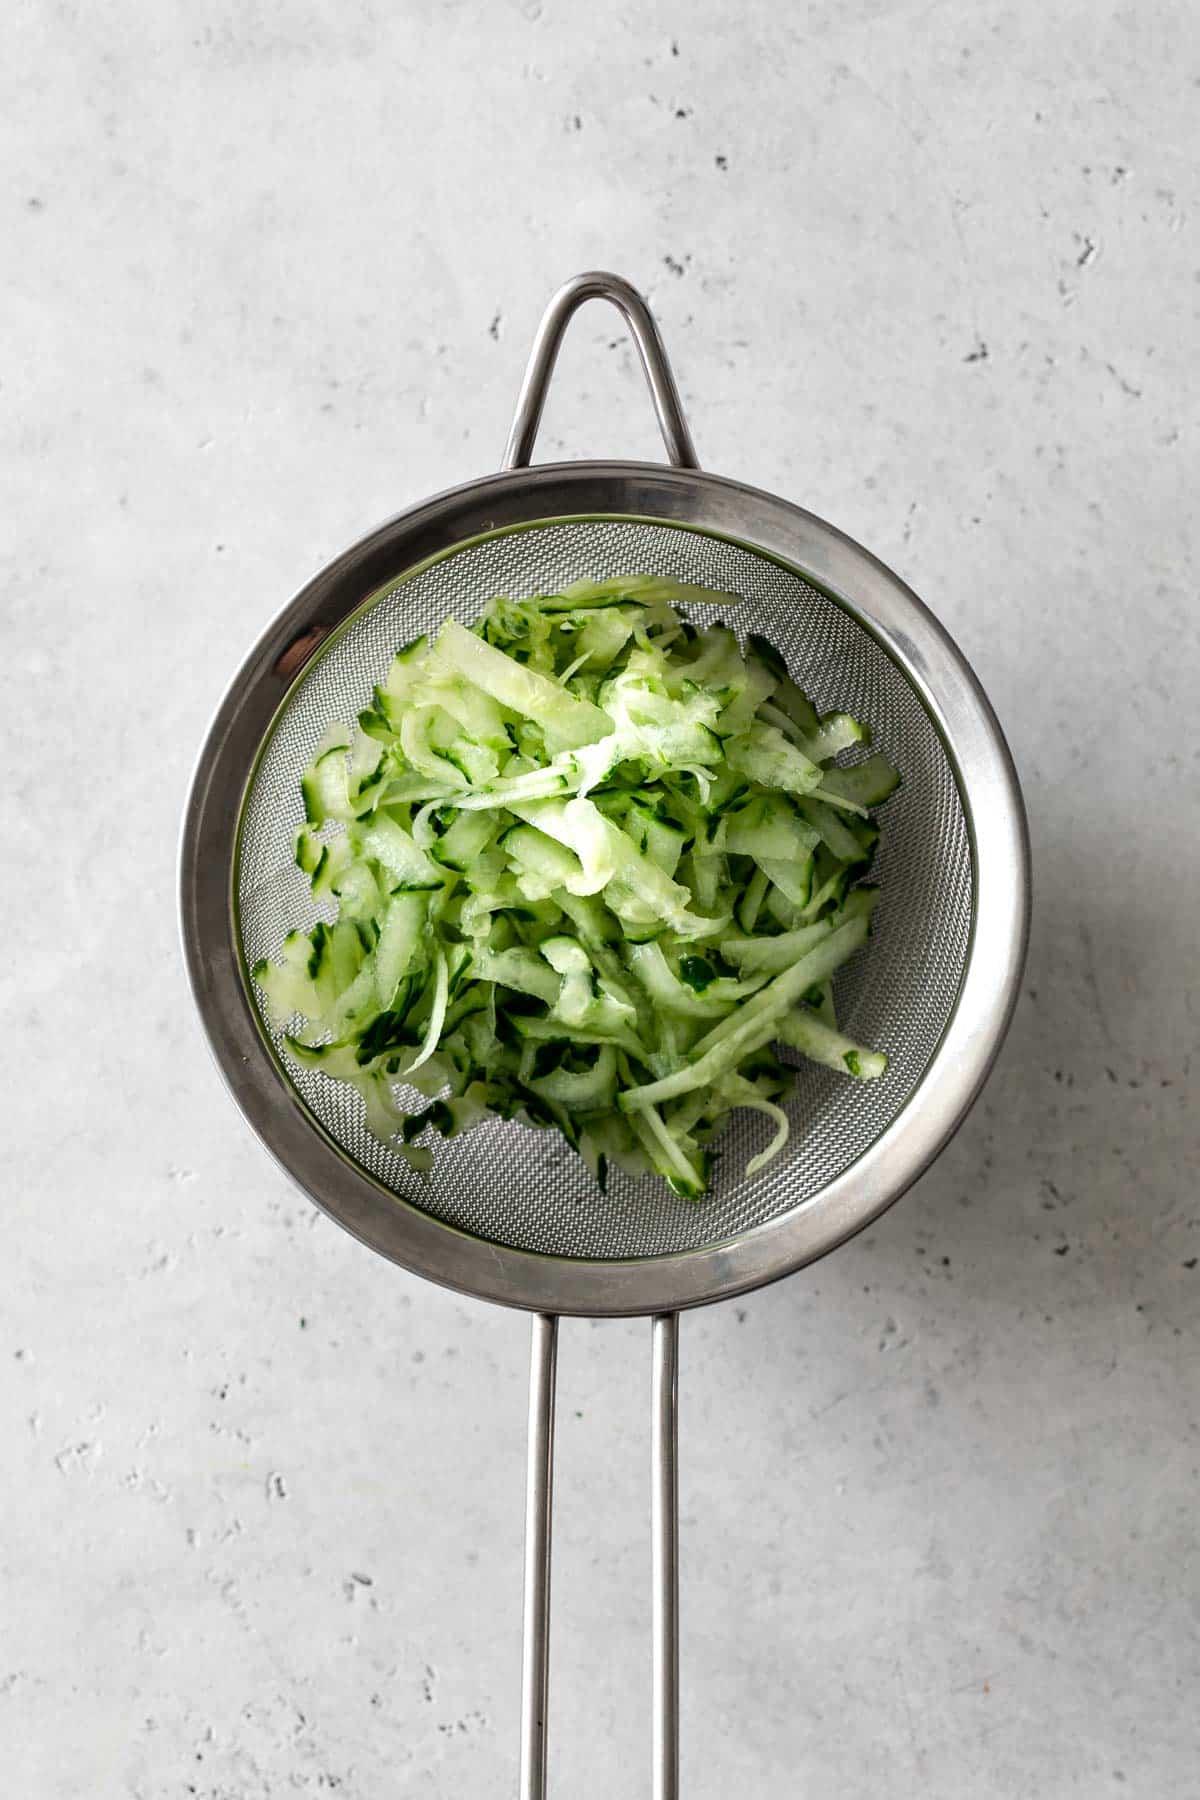 Grated cucumbers in a sieve